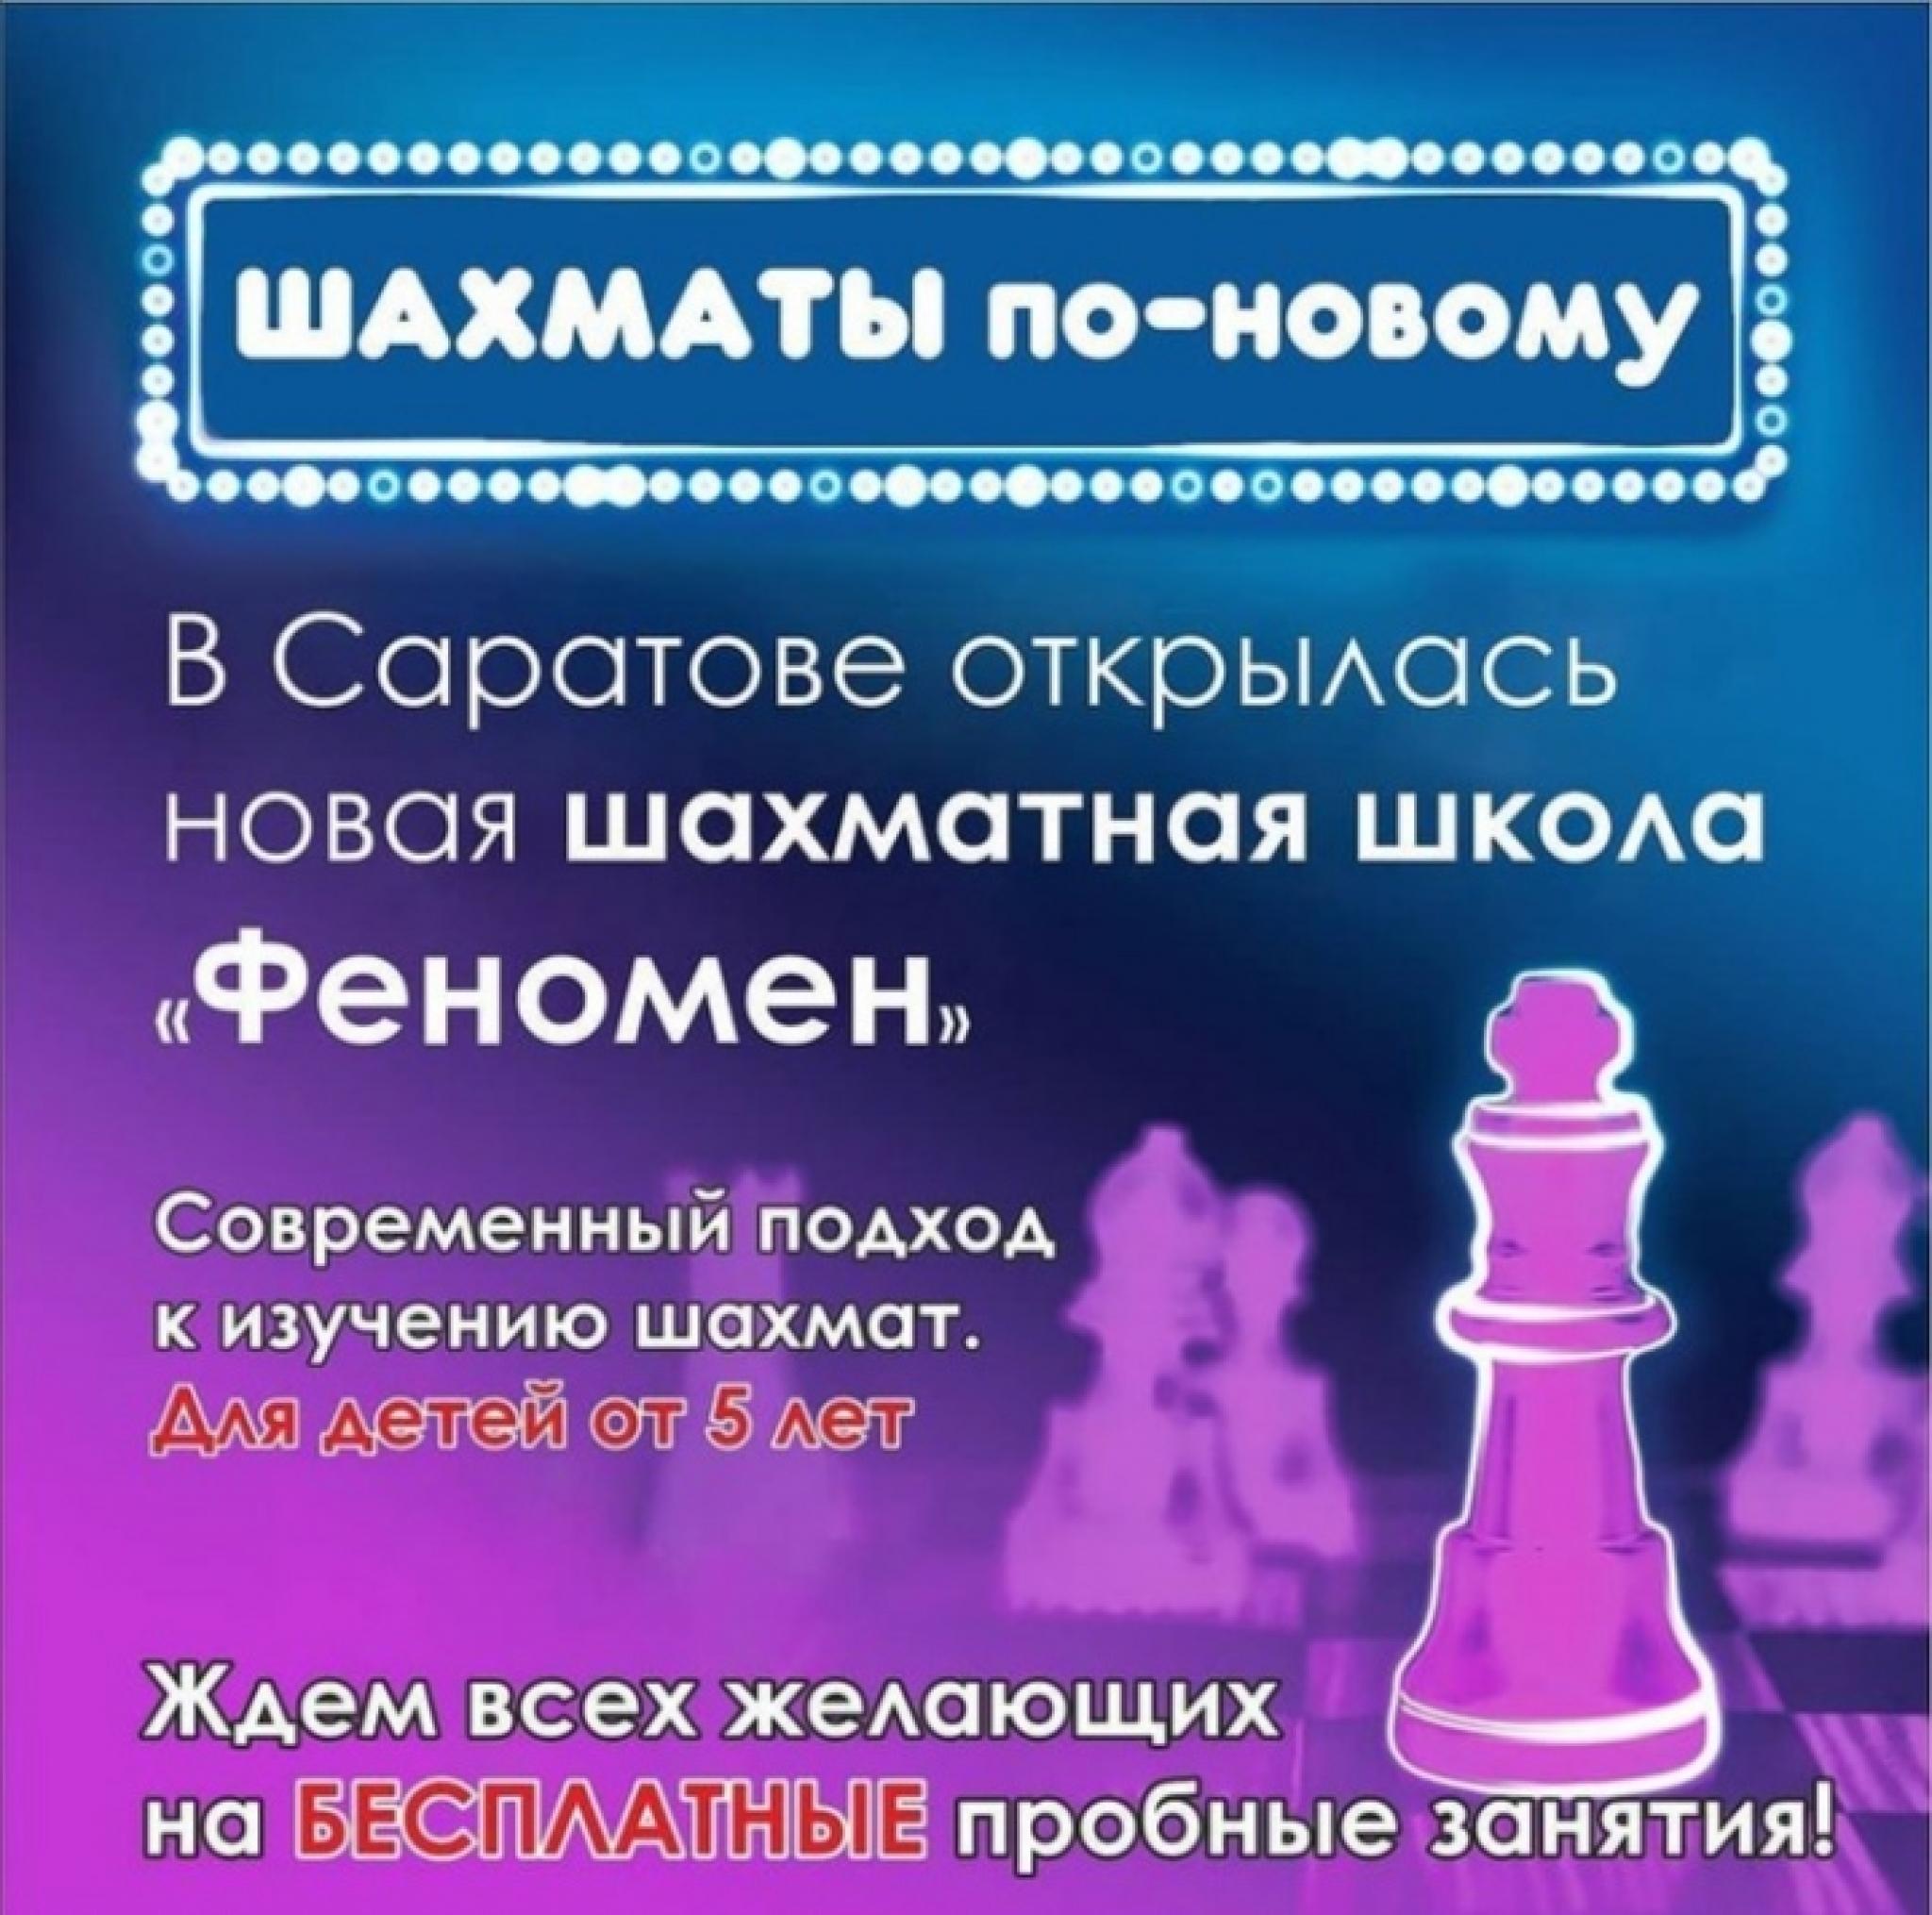 Новая шахматная школа